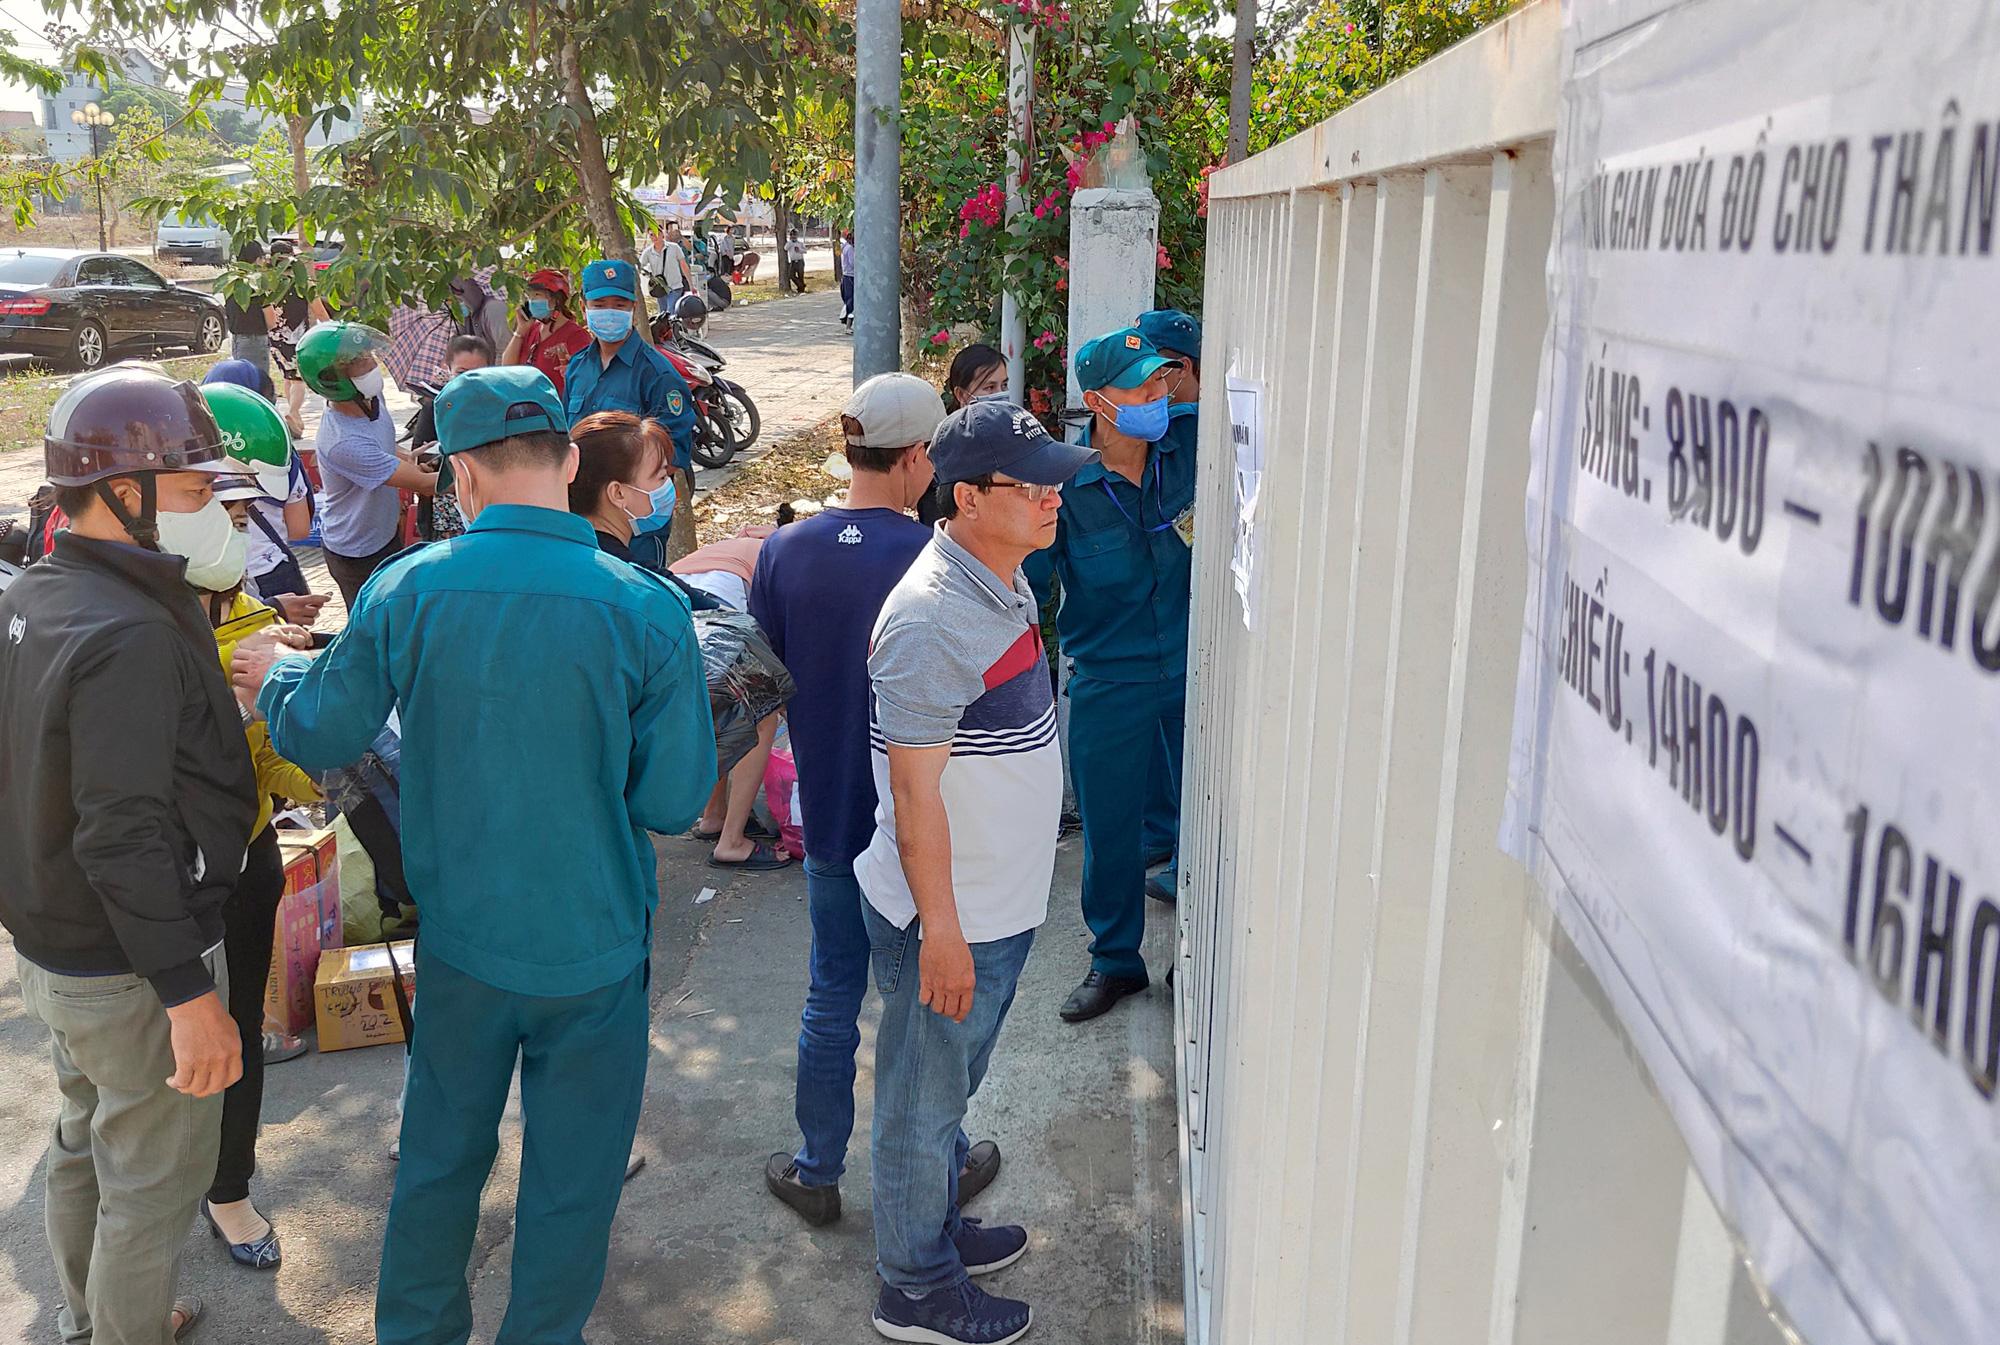 Hàng trăm người đội nắng để gửi đồ cho thân nhân trong khu cách li tại kí túc xá Đại học Quốc gia TP HCM - Ảnh 6.